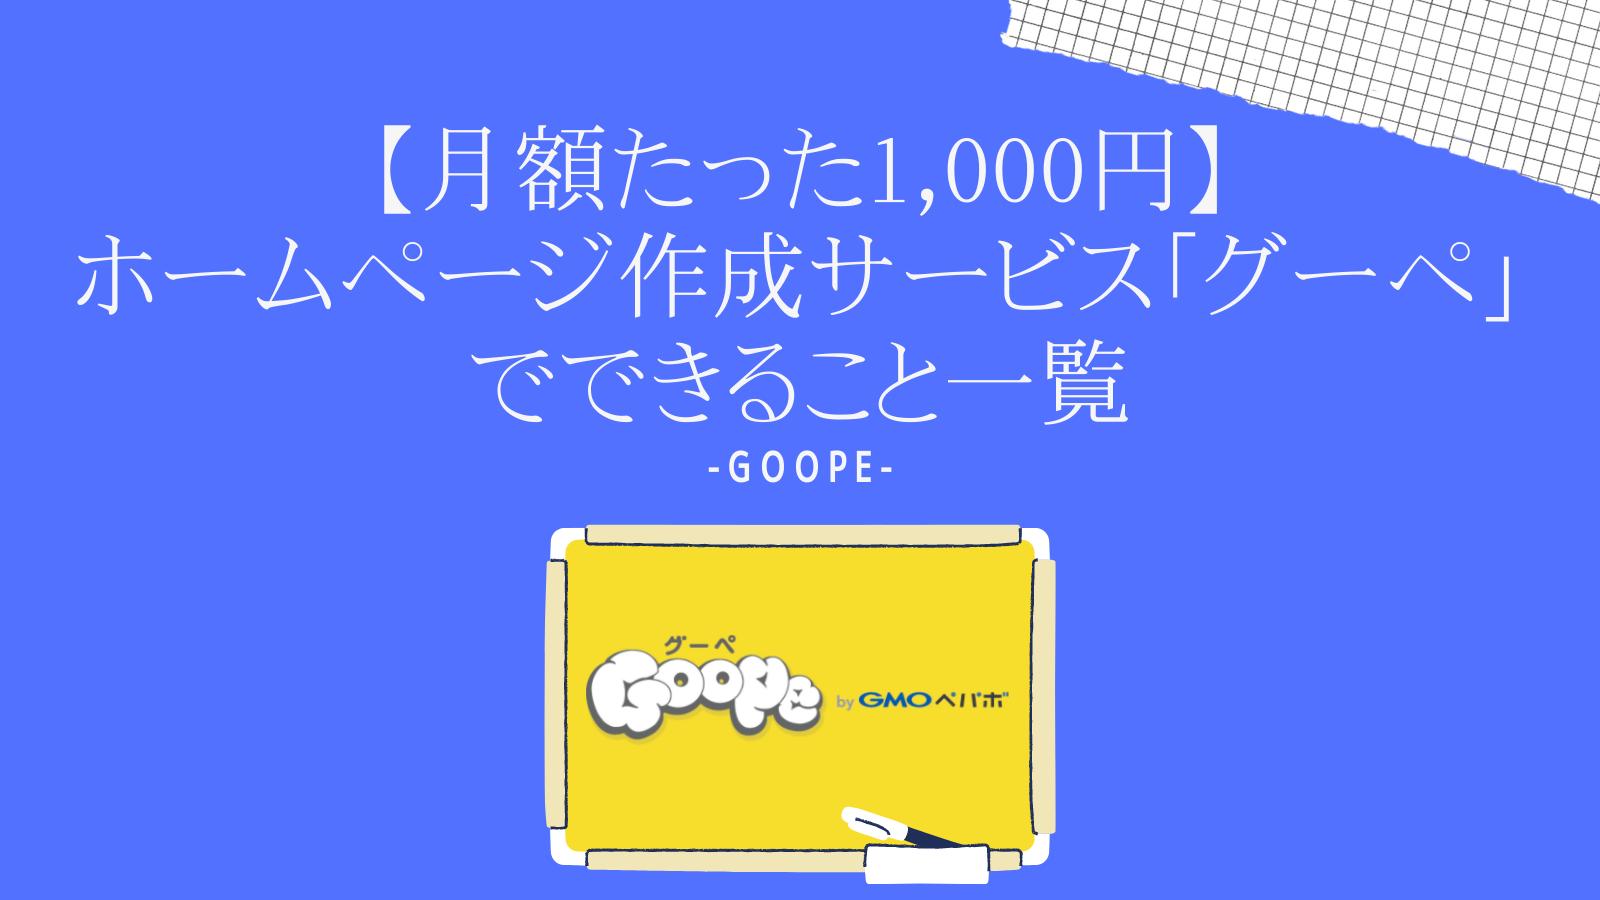 【月額たった1,000円】ホームページ作成サービス「グーペ」でできること一覧